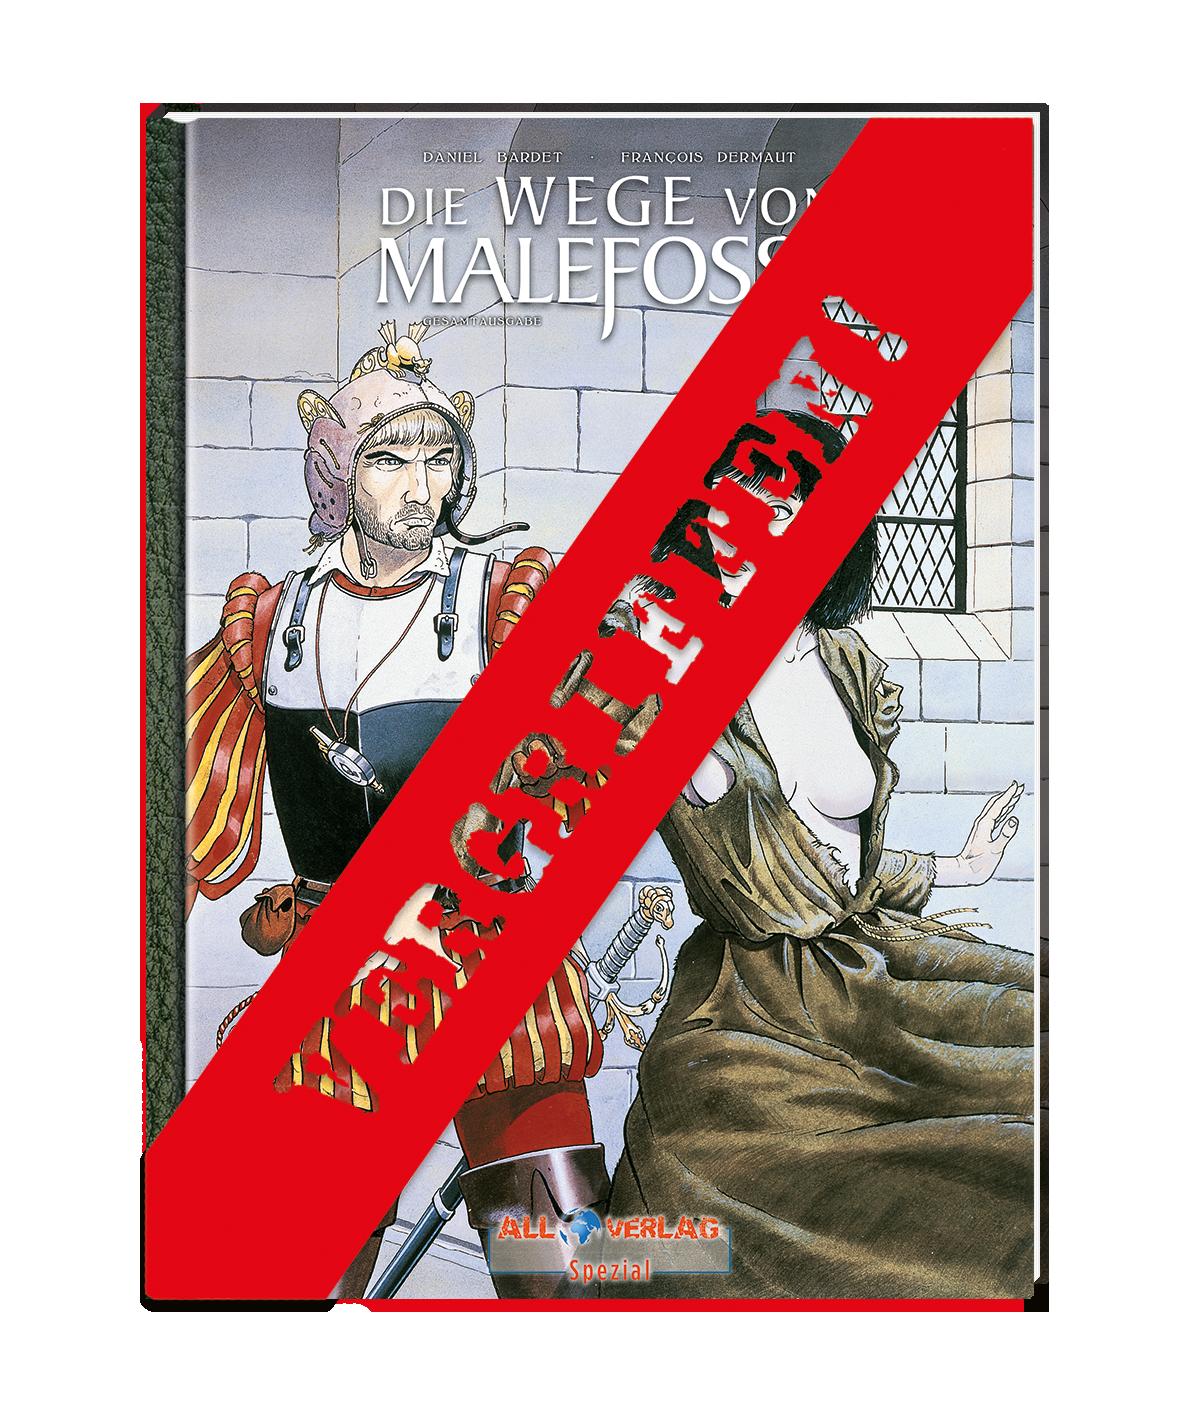 Die Wege von Malefosse Gesamtausgabe 1 All Verlag